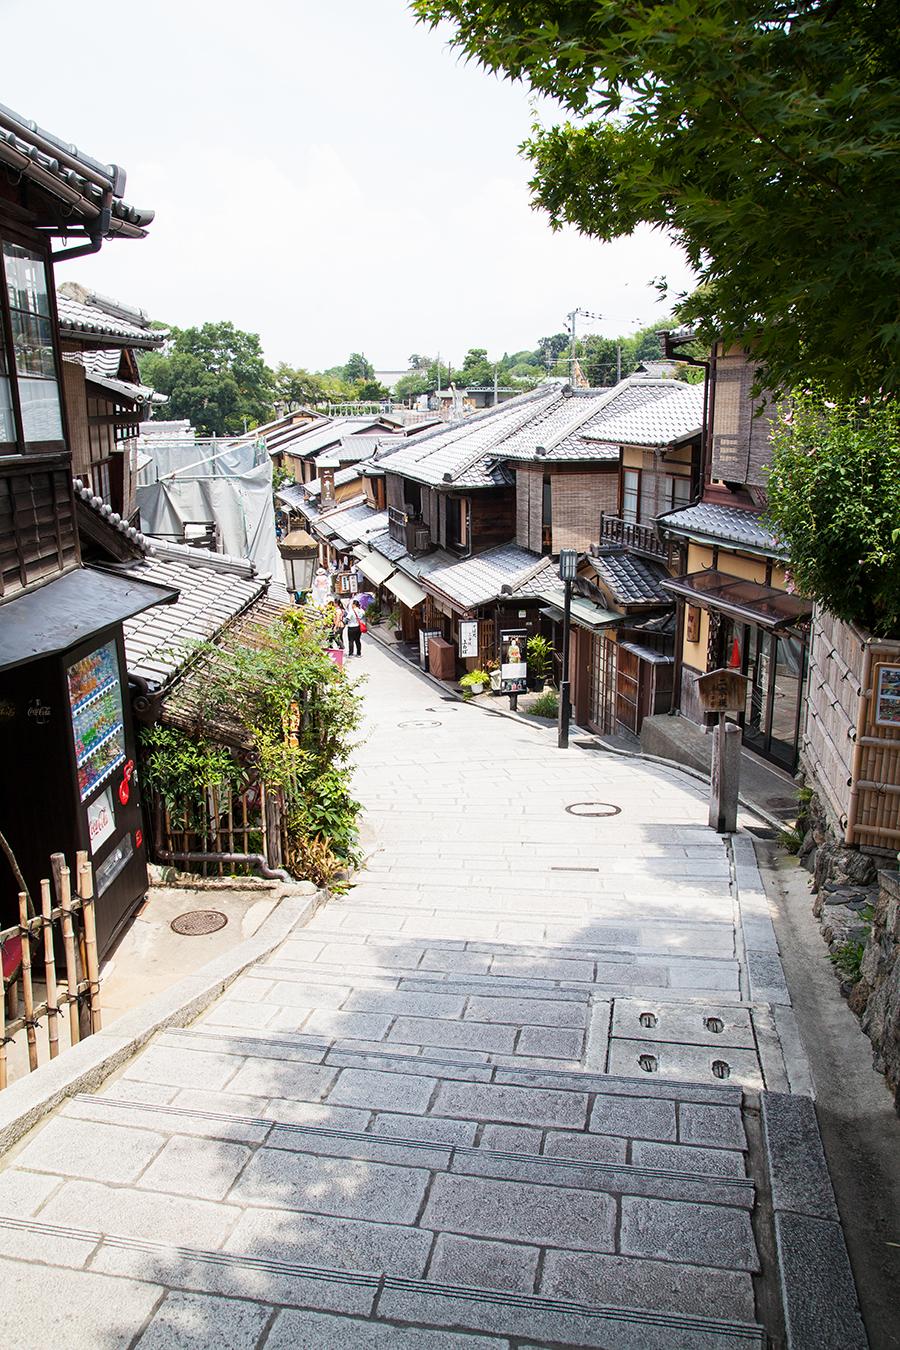 kyoto strada in giappone